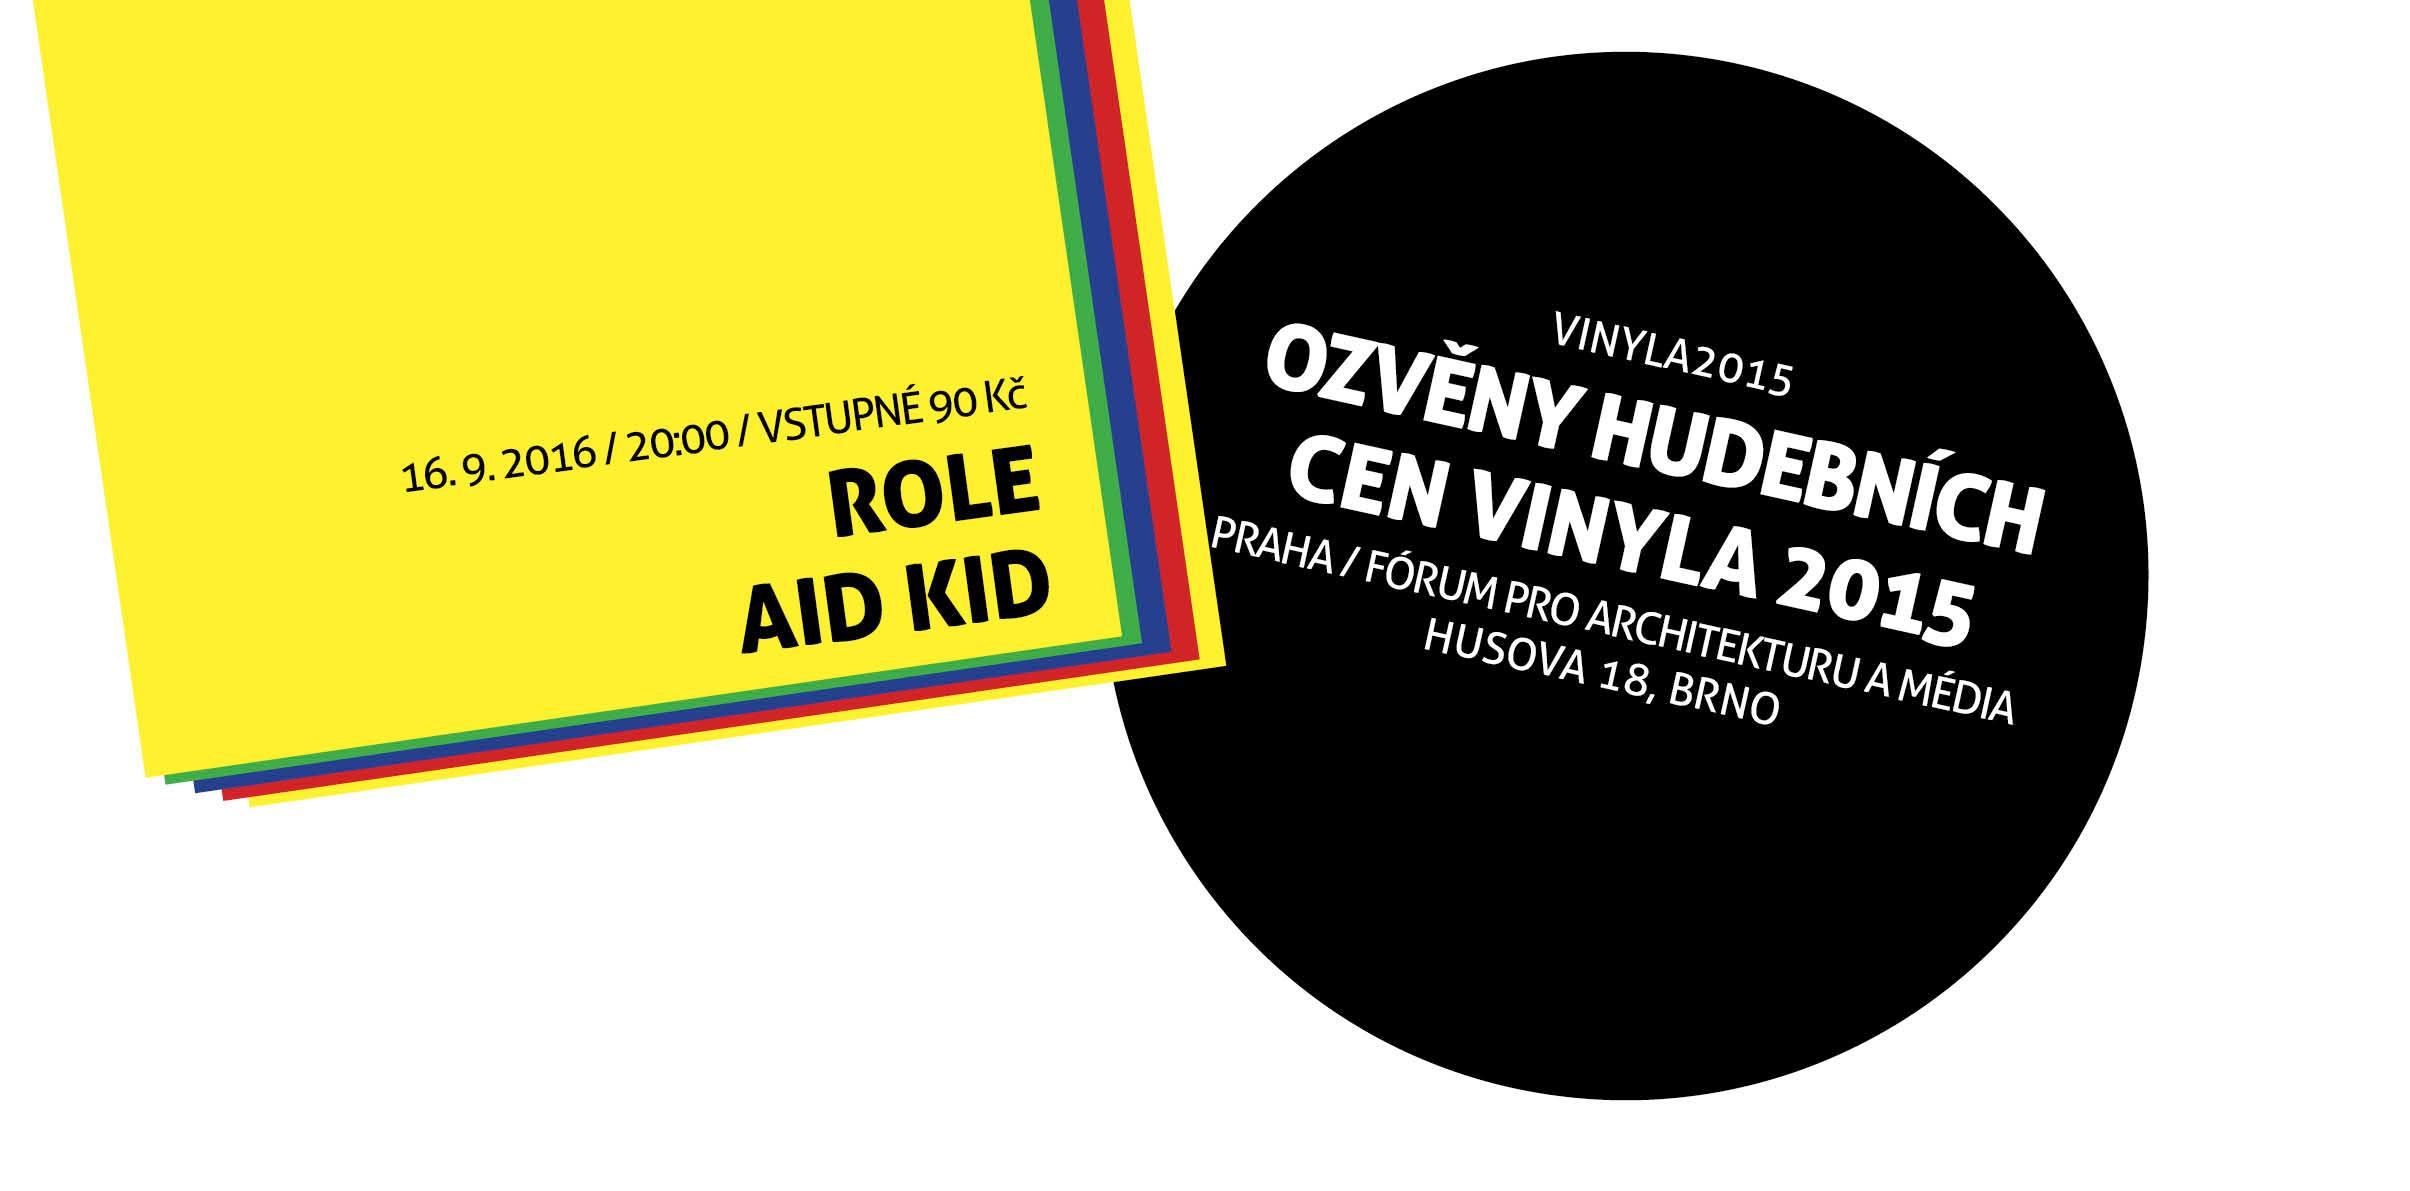 16. 9. 20:00 – Ozvěny Hudebních cen Vinyla – Aid Kid, ROLE